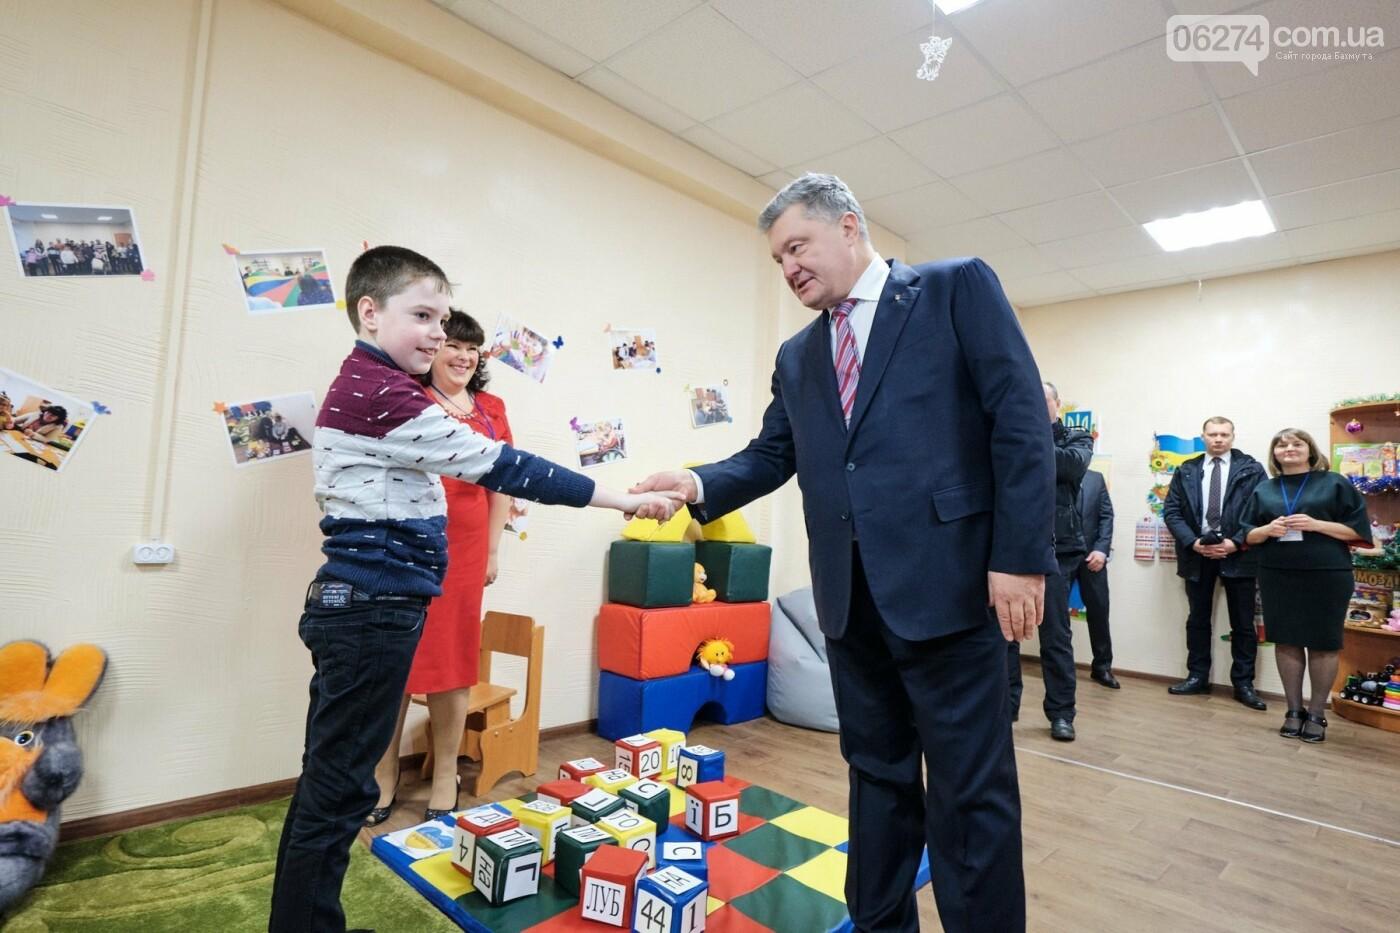 Президент Украины Петр Порошенко посетил Бахмут (ДОБАВЛЕНО ФОТО), фото-17